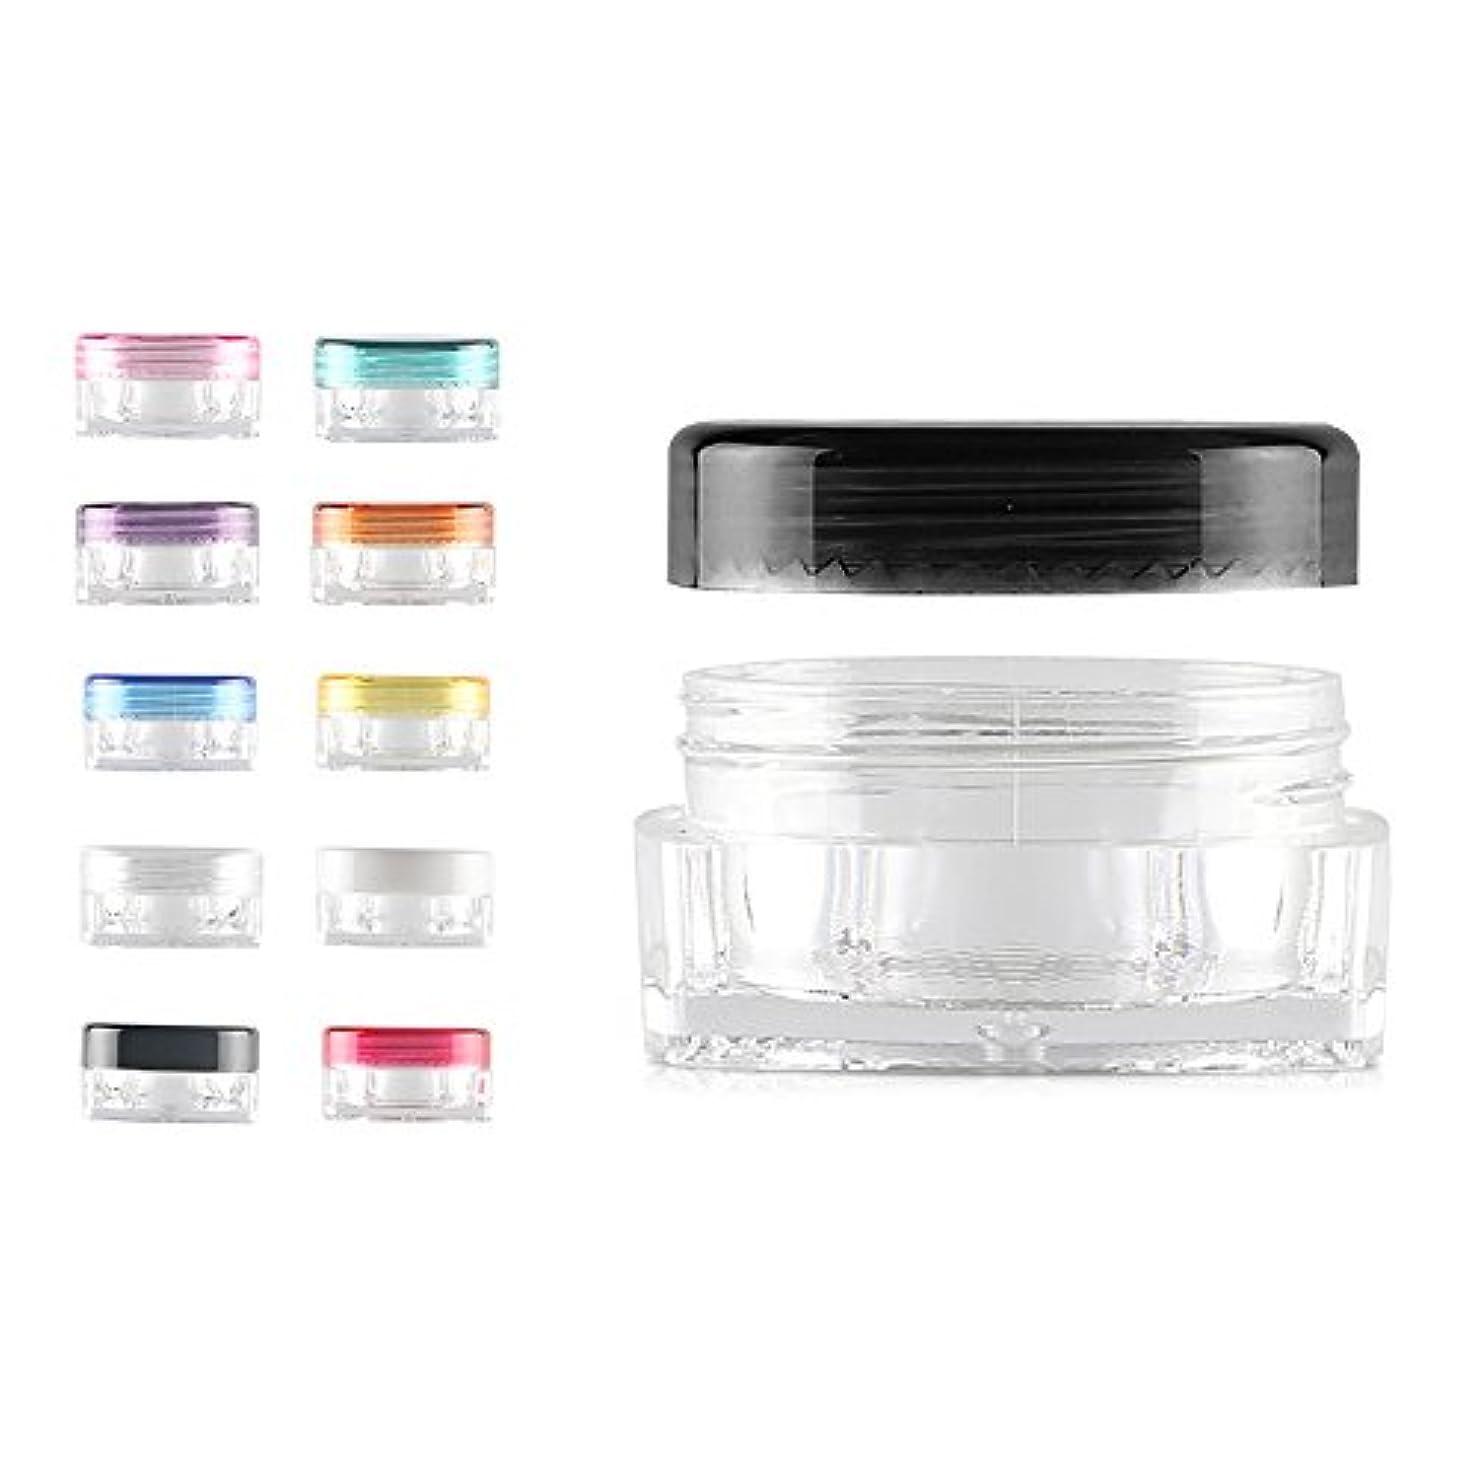 取るに足らない同意スプレー12 PCS熱望薄型デザインミニリップクリームサンプルコンテナ クリーム ネイルアート製品(3g 5g) BPAフリー用トラベル化粧品の瓶 - ブラック - 3g